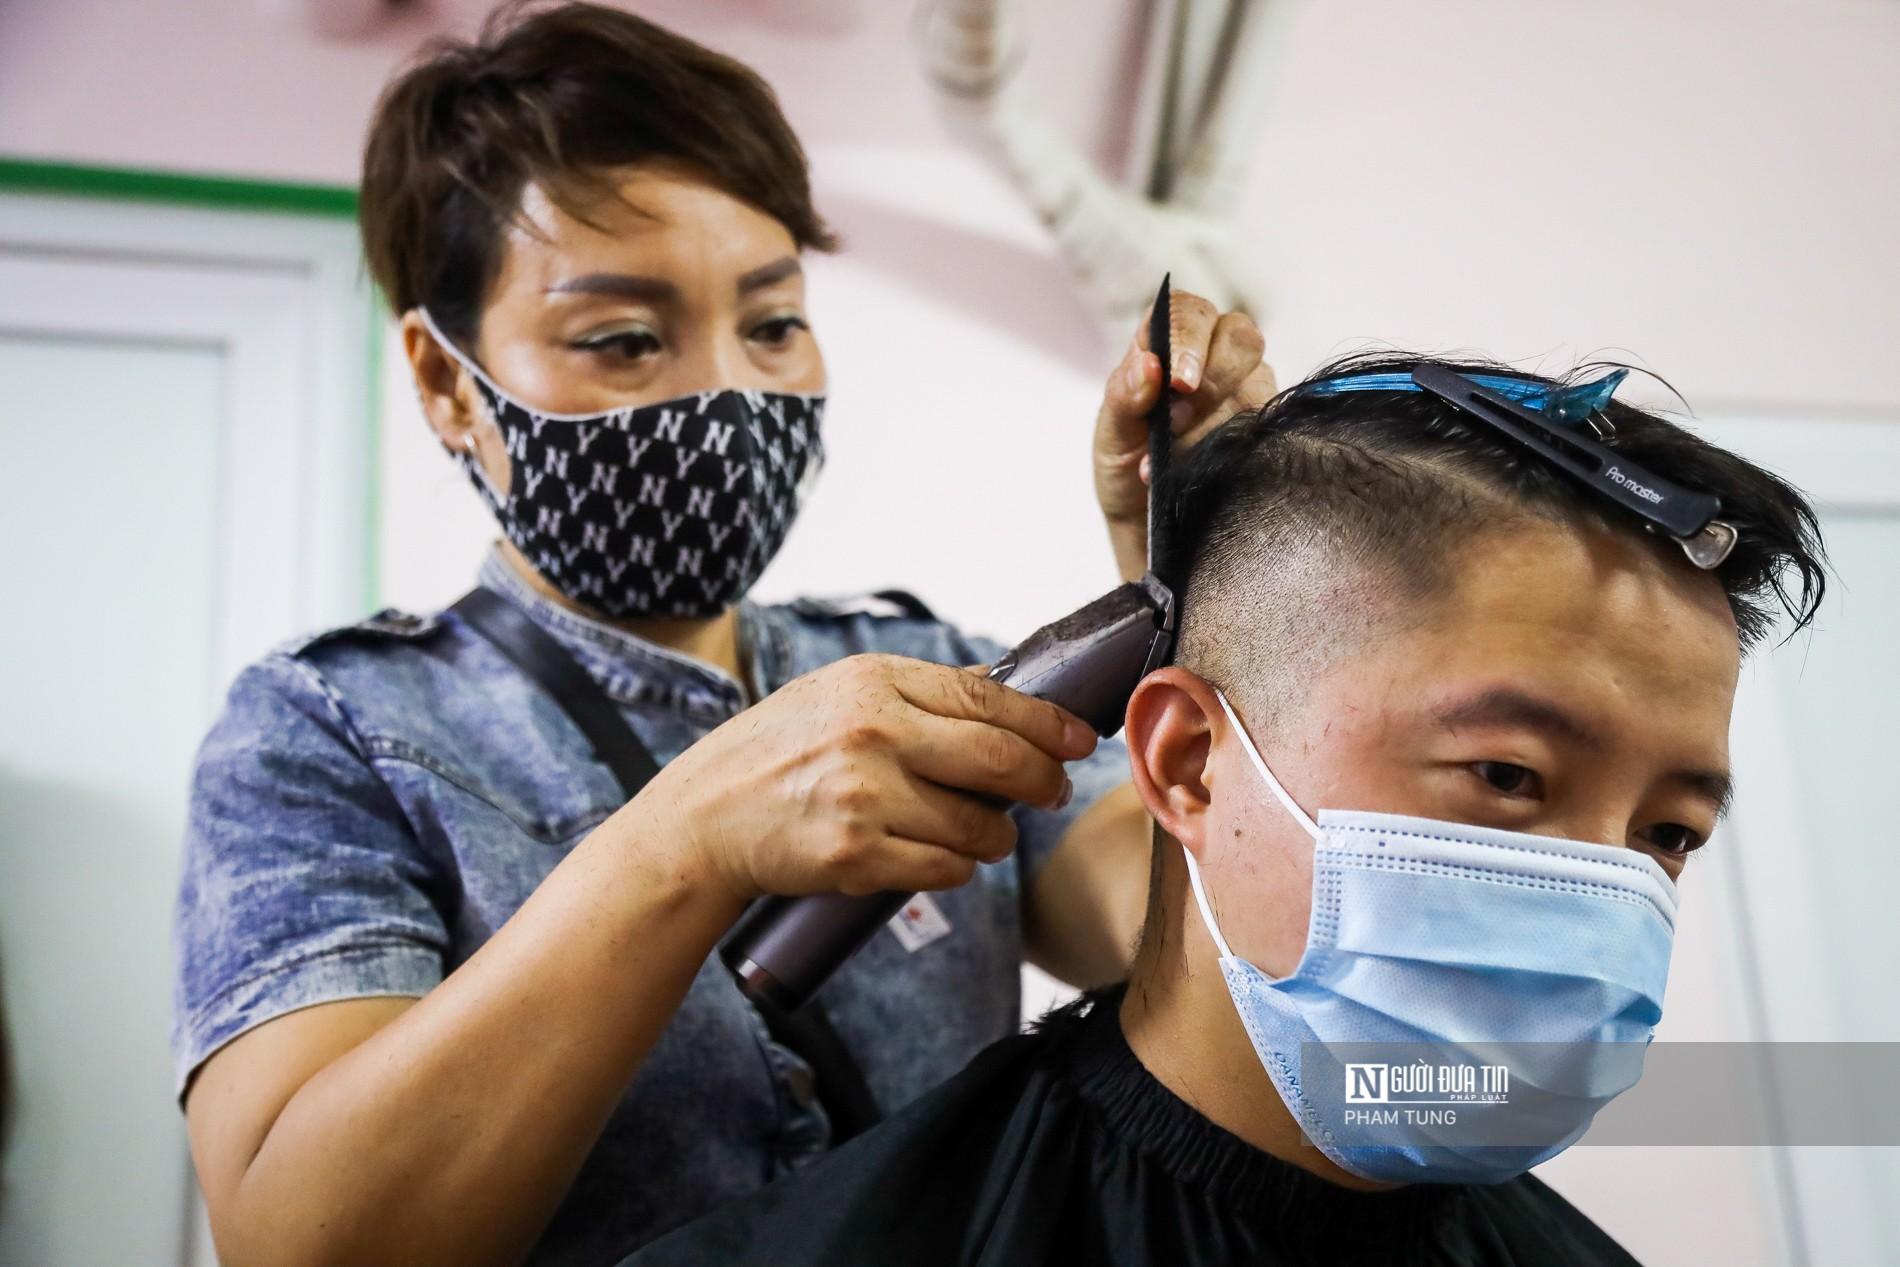 Dân sinh - 11 'tay kéo' cắt tóc miễn phí cho y, bác sĩ lên đường chống dịch (Hình 10).